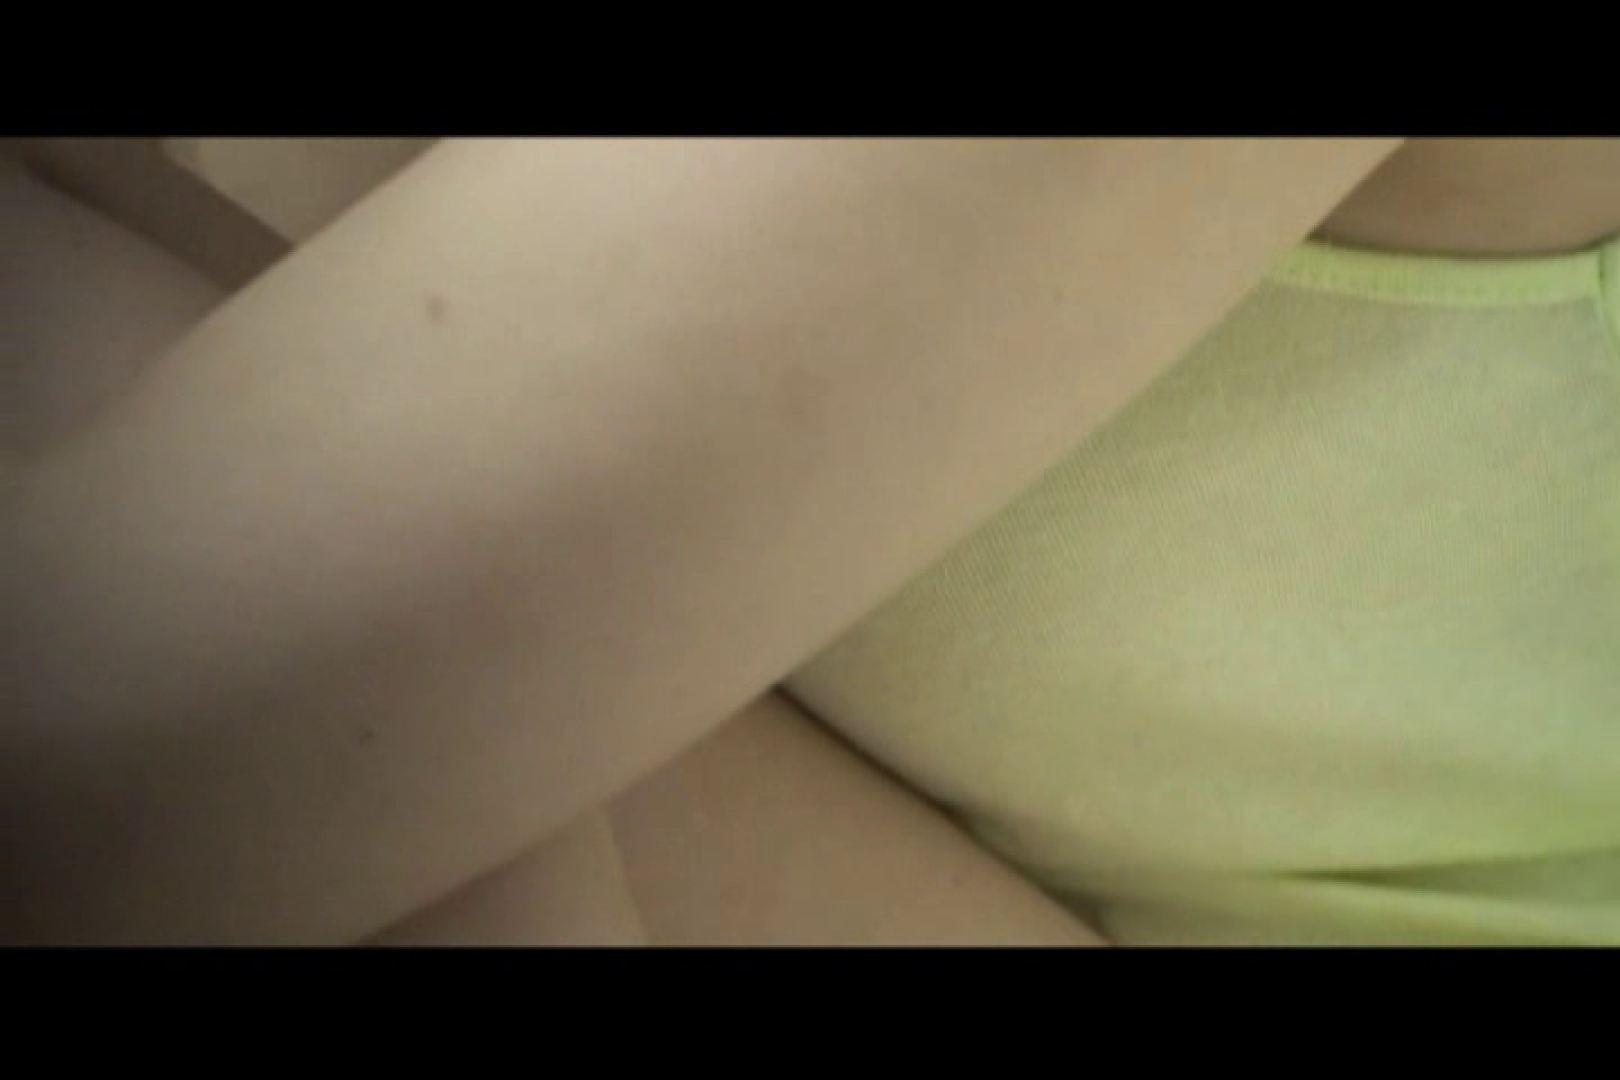 独占配信!無修正! 看護女子寮 vol.11 女子寮隠し撮り スケベ動画紹介 71pic 55